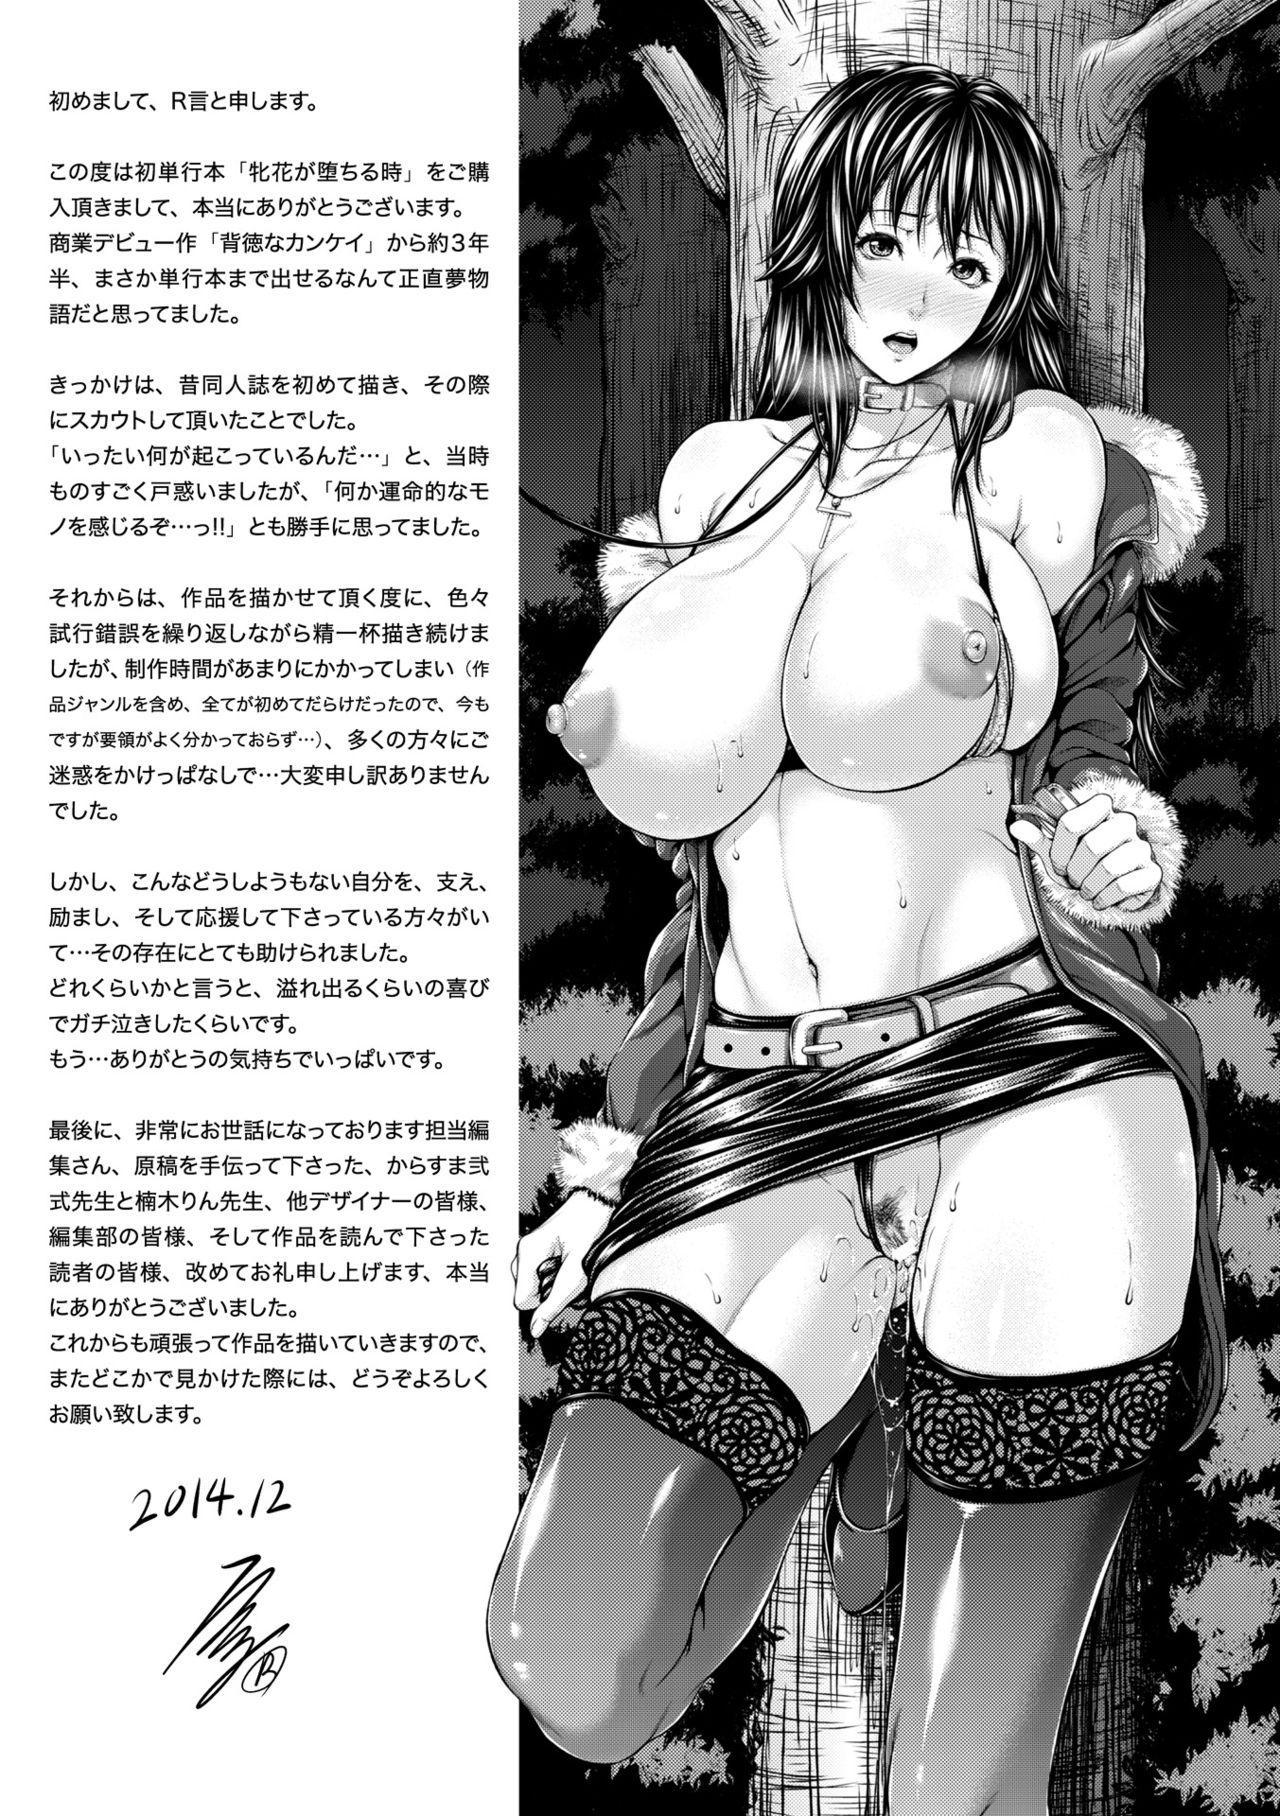 Mesu Hana ga Ochiru Toki - Maidenly Bloom Fallen 176